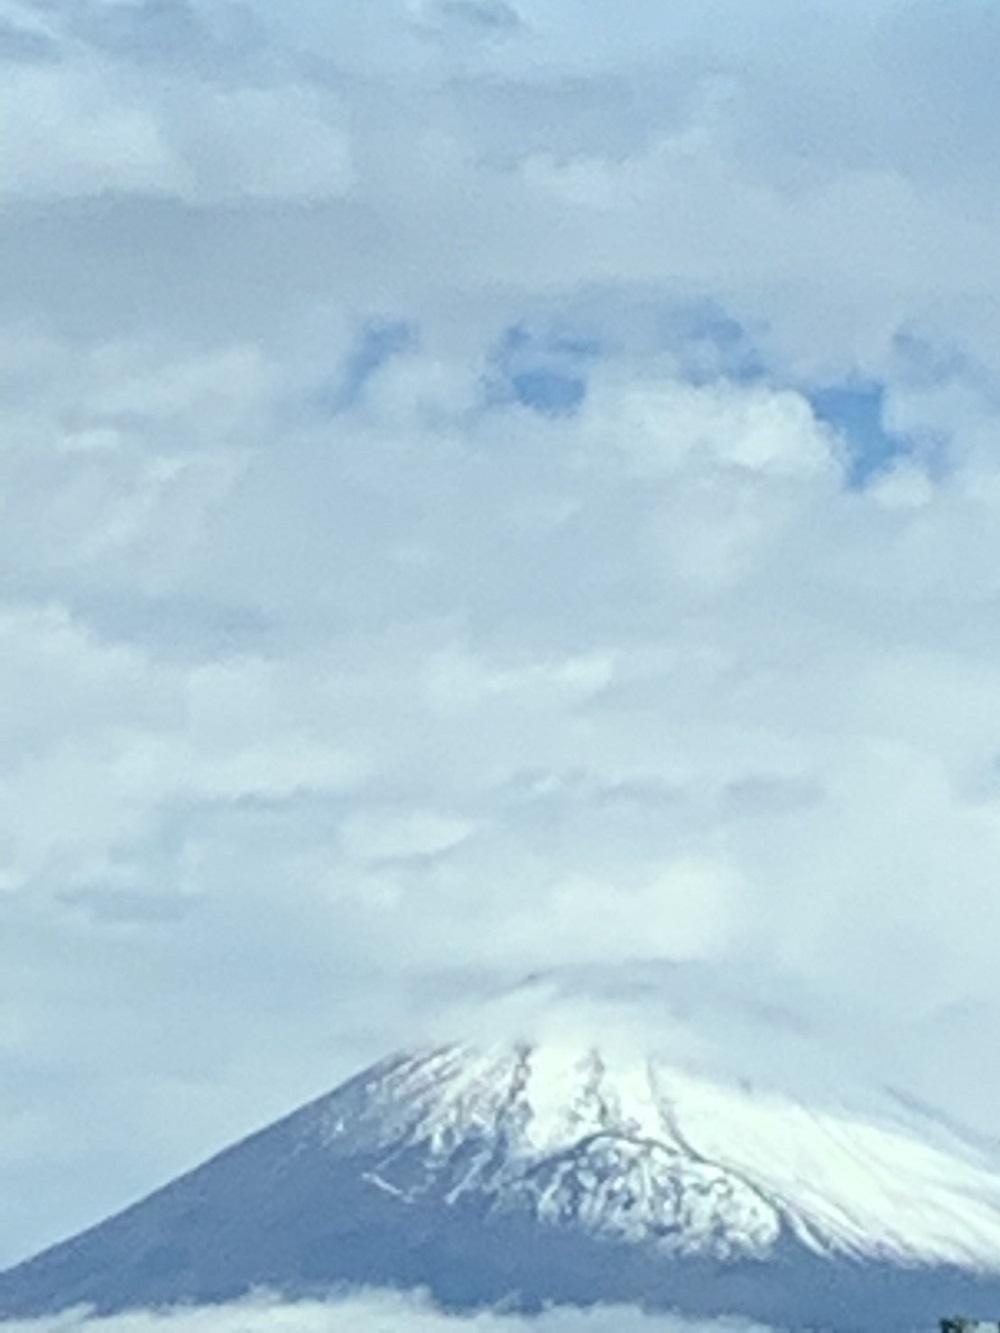 今日の富士山、雪が積もり綺麗でした。